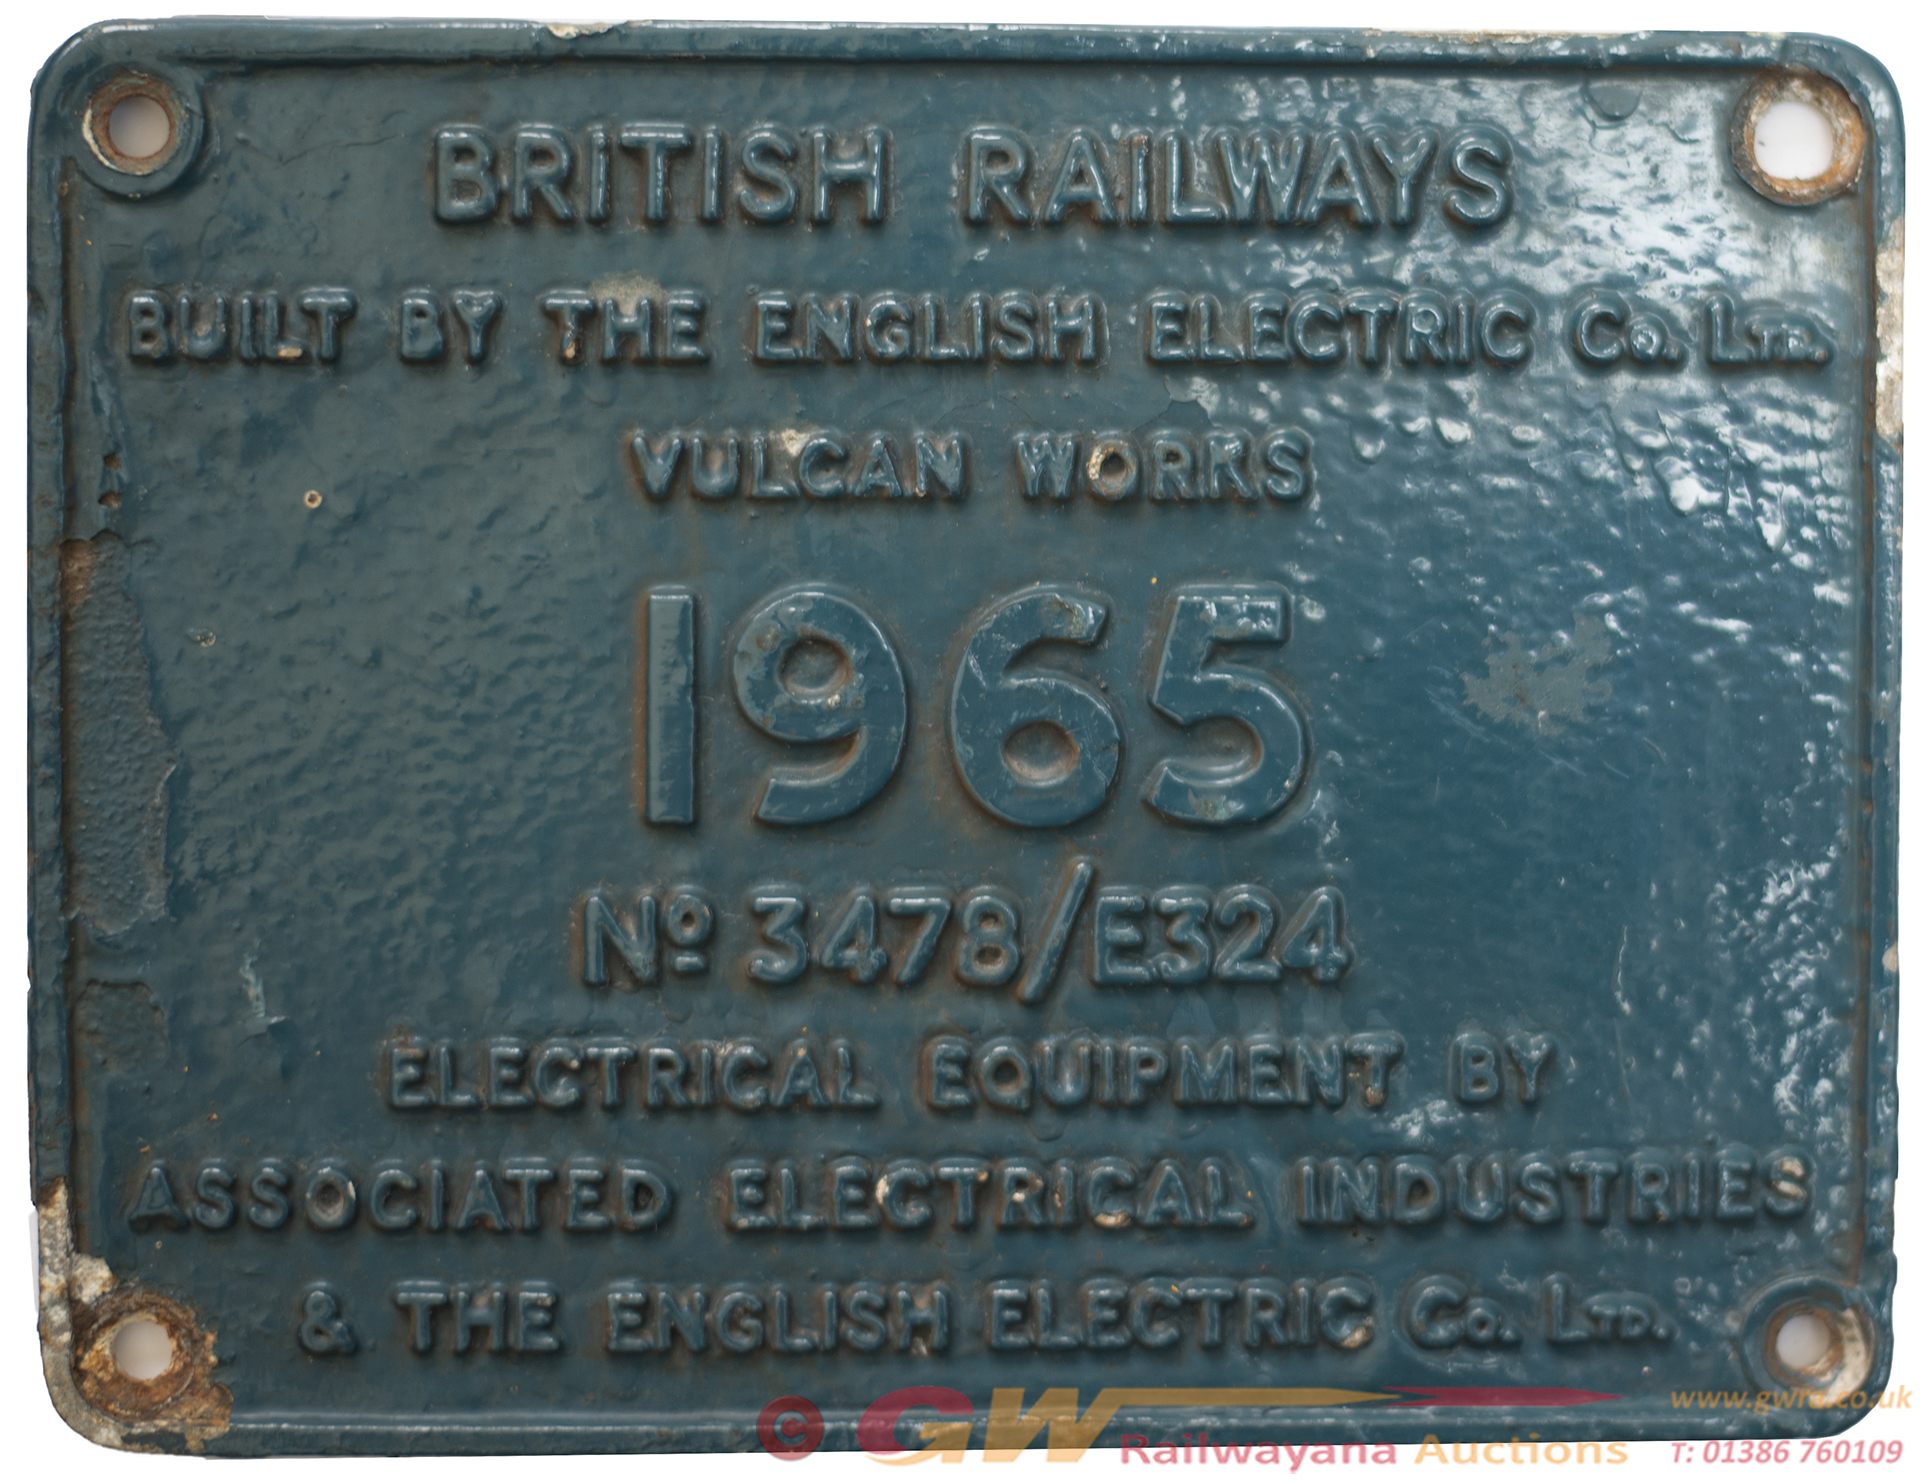 Worksplate BRITISH RAILWAYS DONCASTER 1965 No